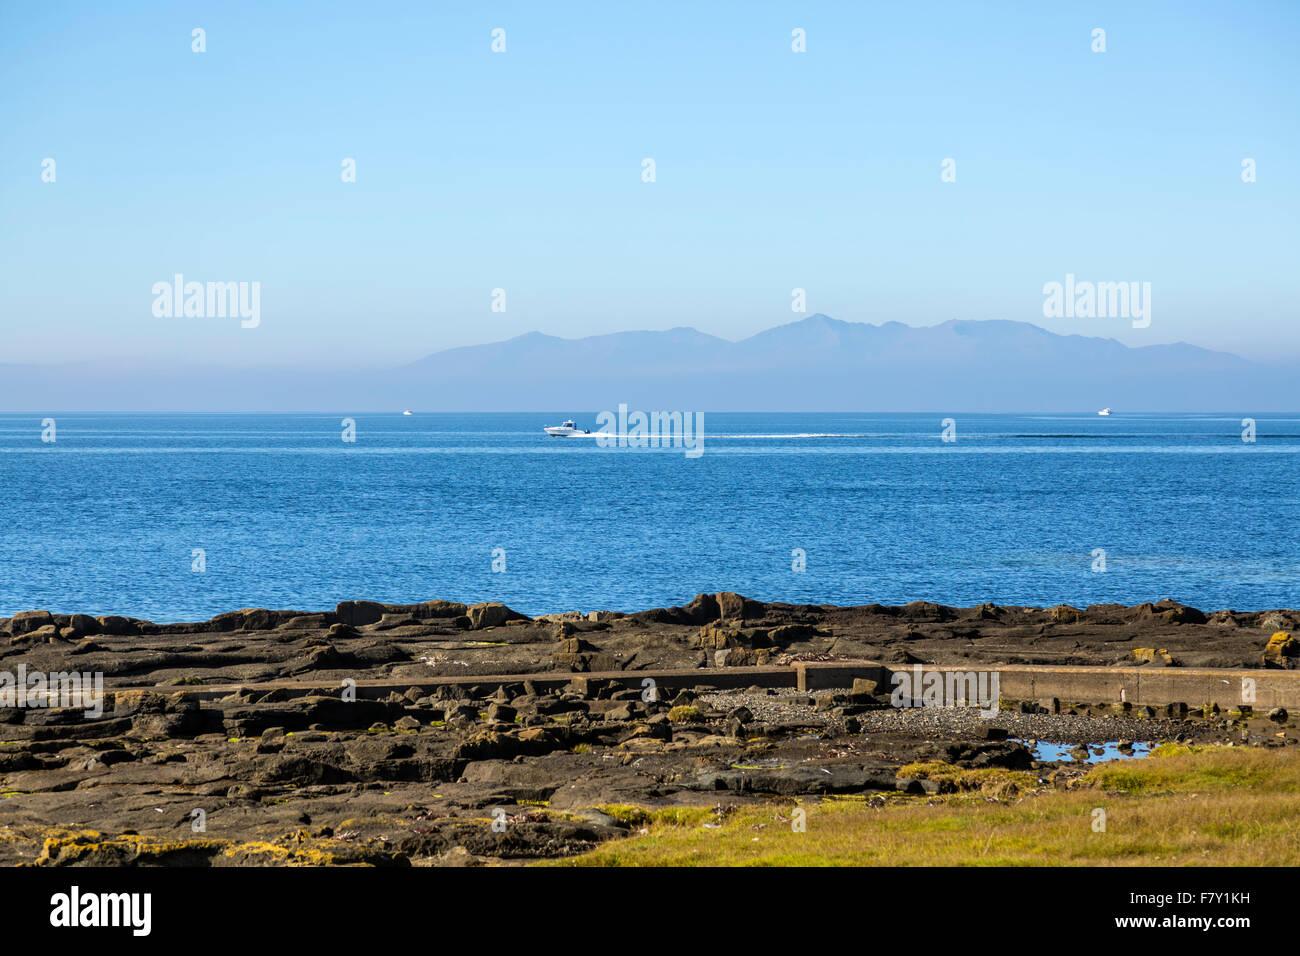 Hors-bord sur le Firth de Clyde avec l'île d'Arran en arrière-plan, Ayrshire, Écosse, Royaume-Uni Banque D'Images